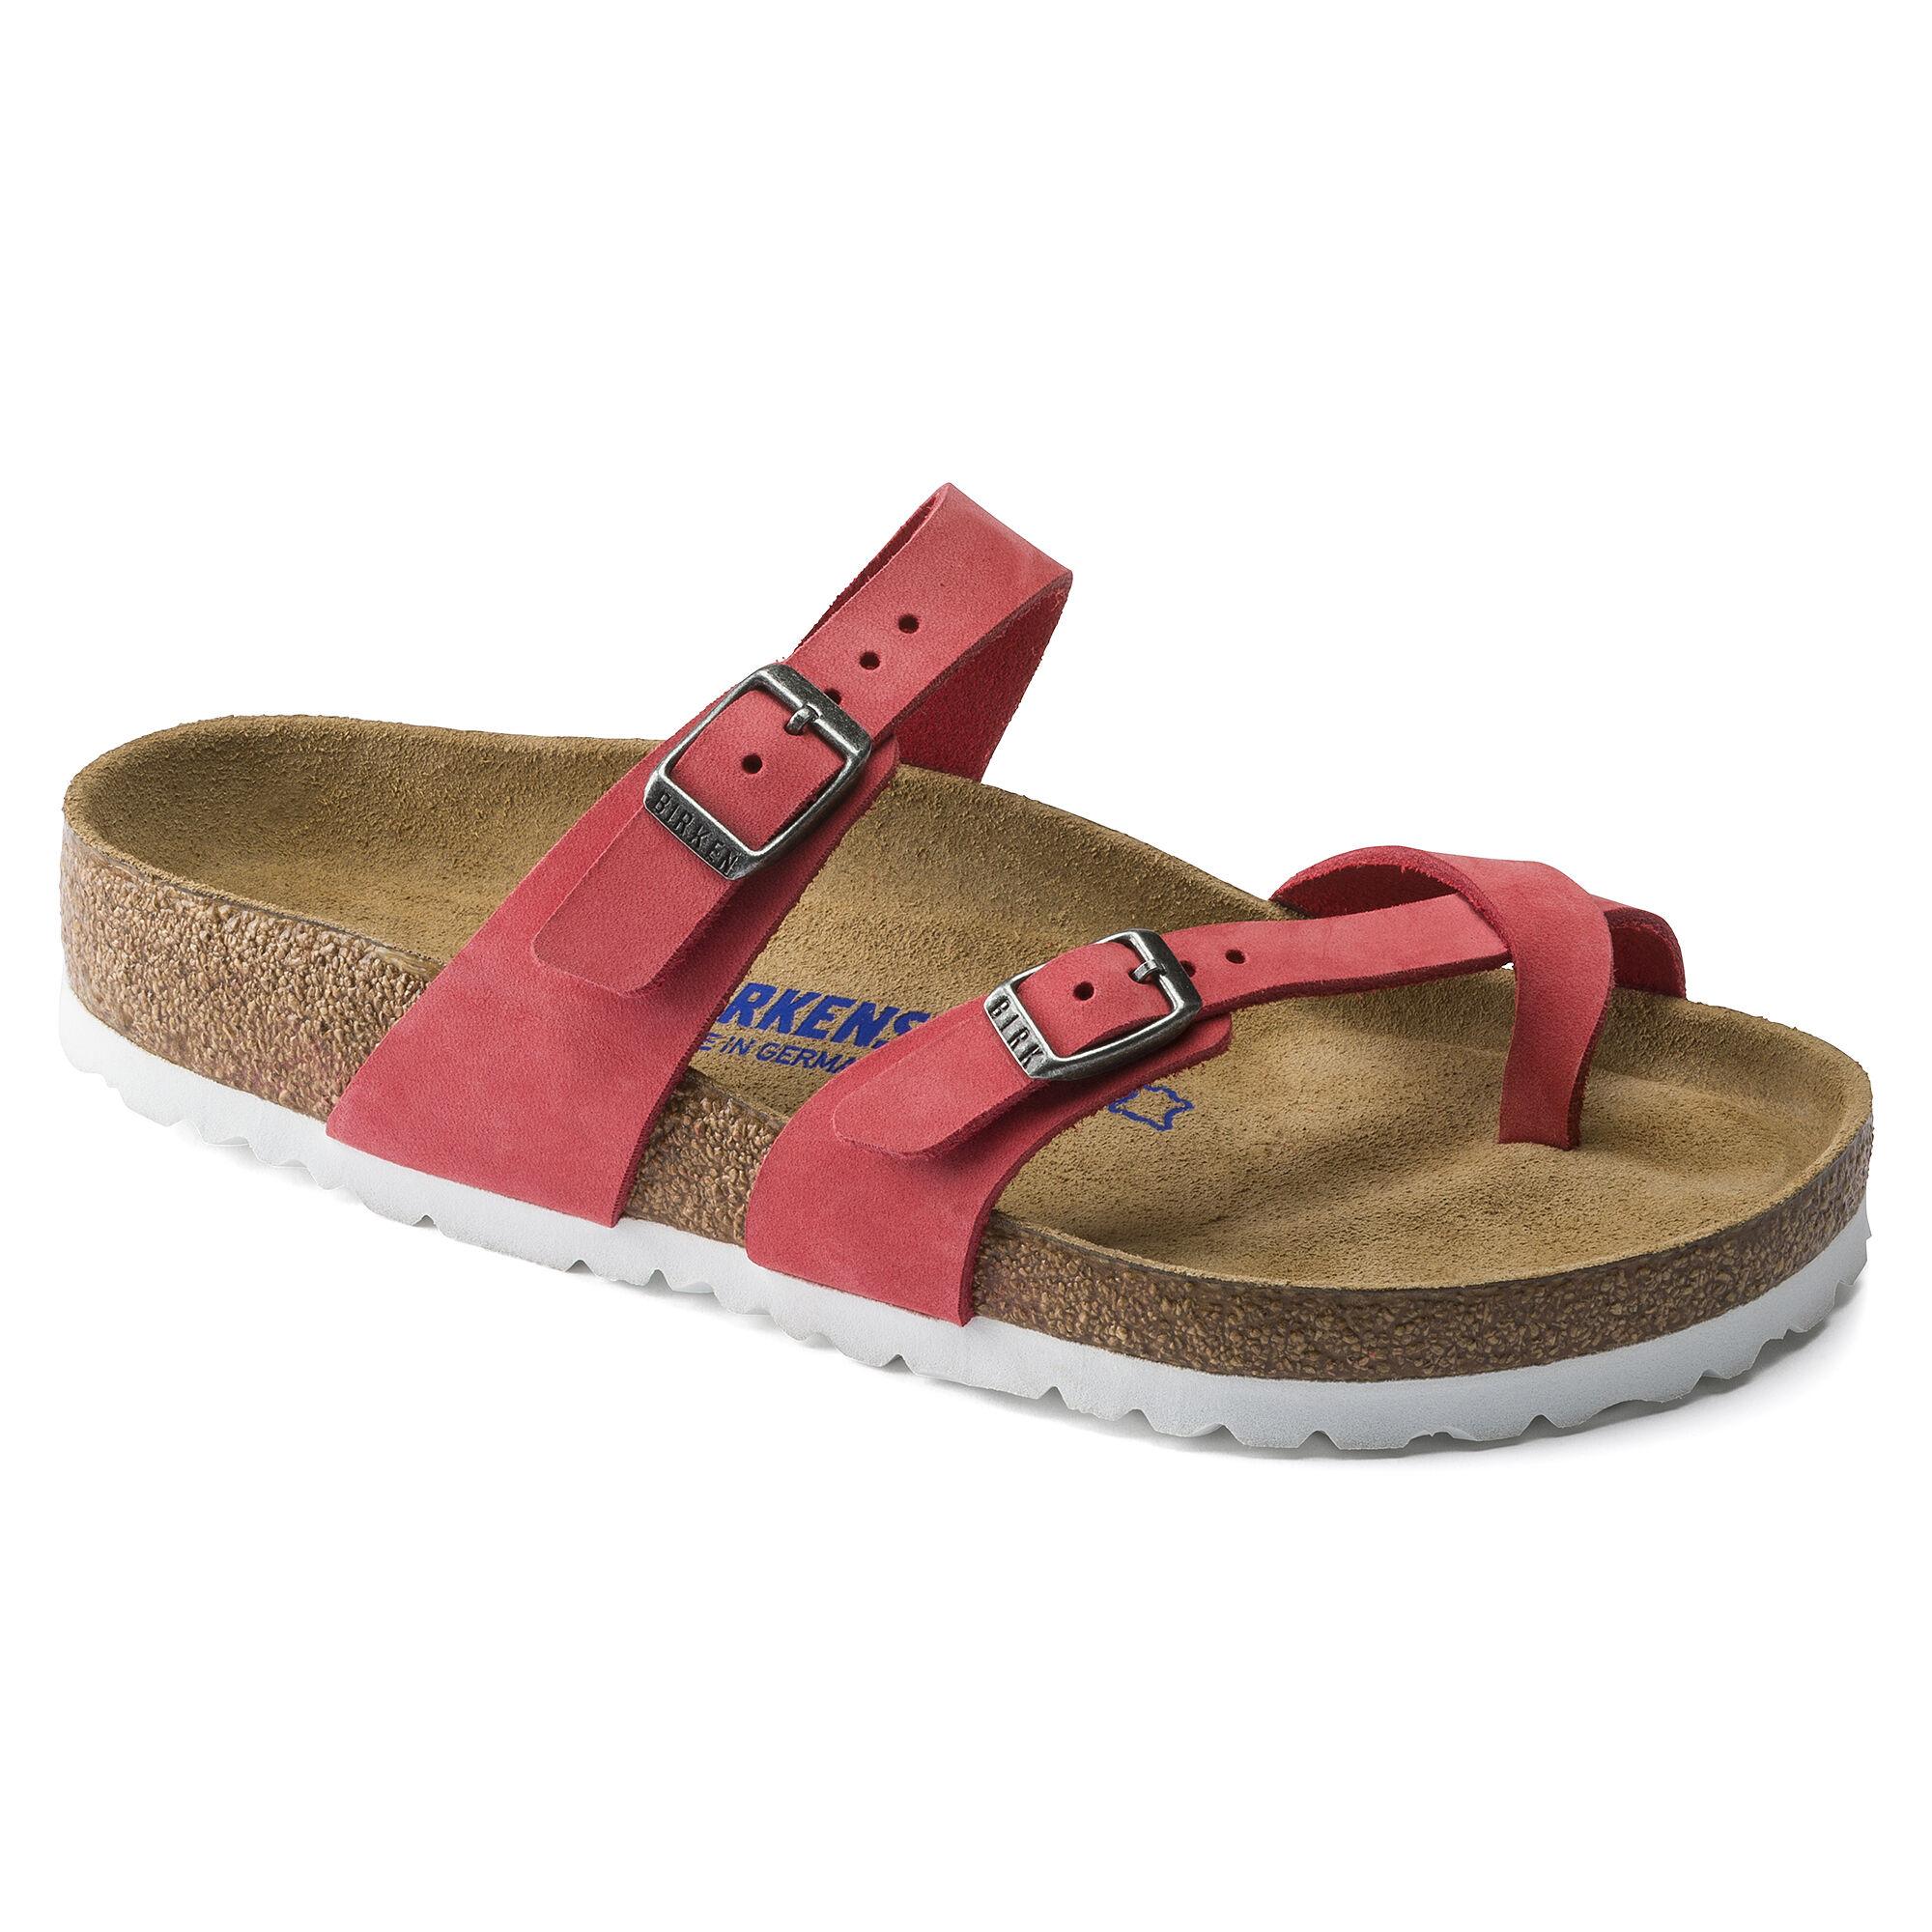 Sandalen met drie bandjes voor dames | BIRKENSTOCK